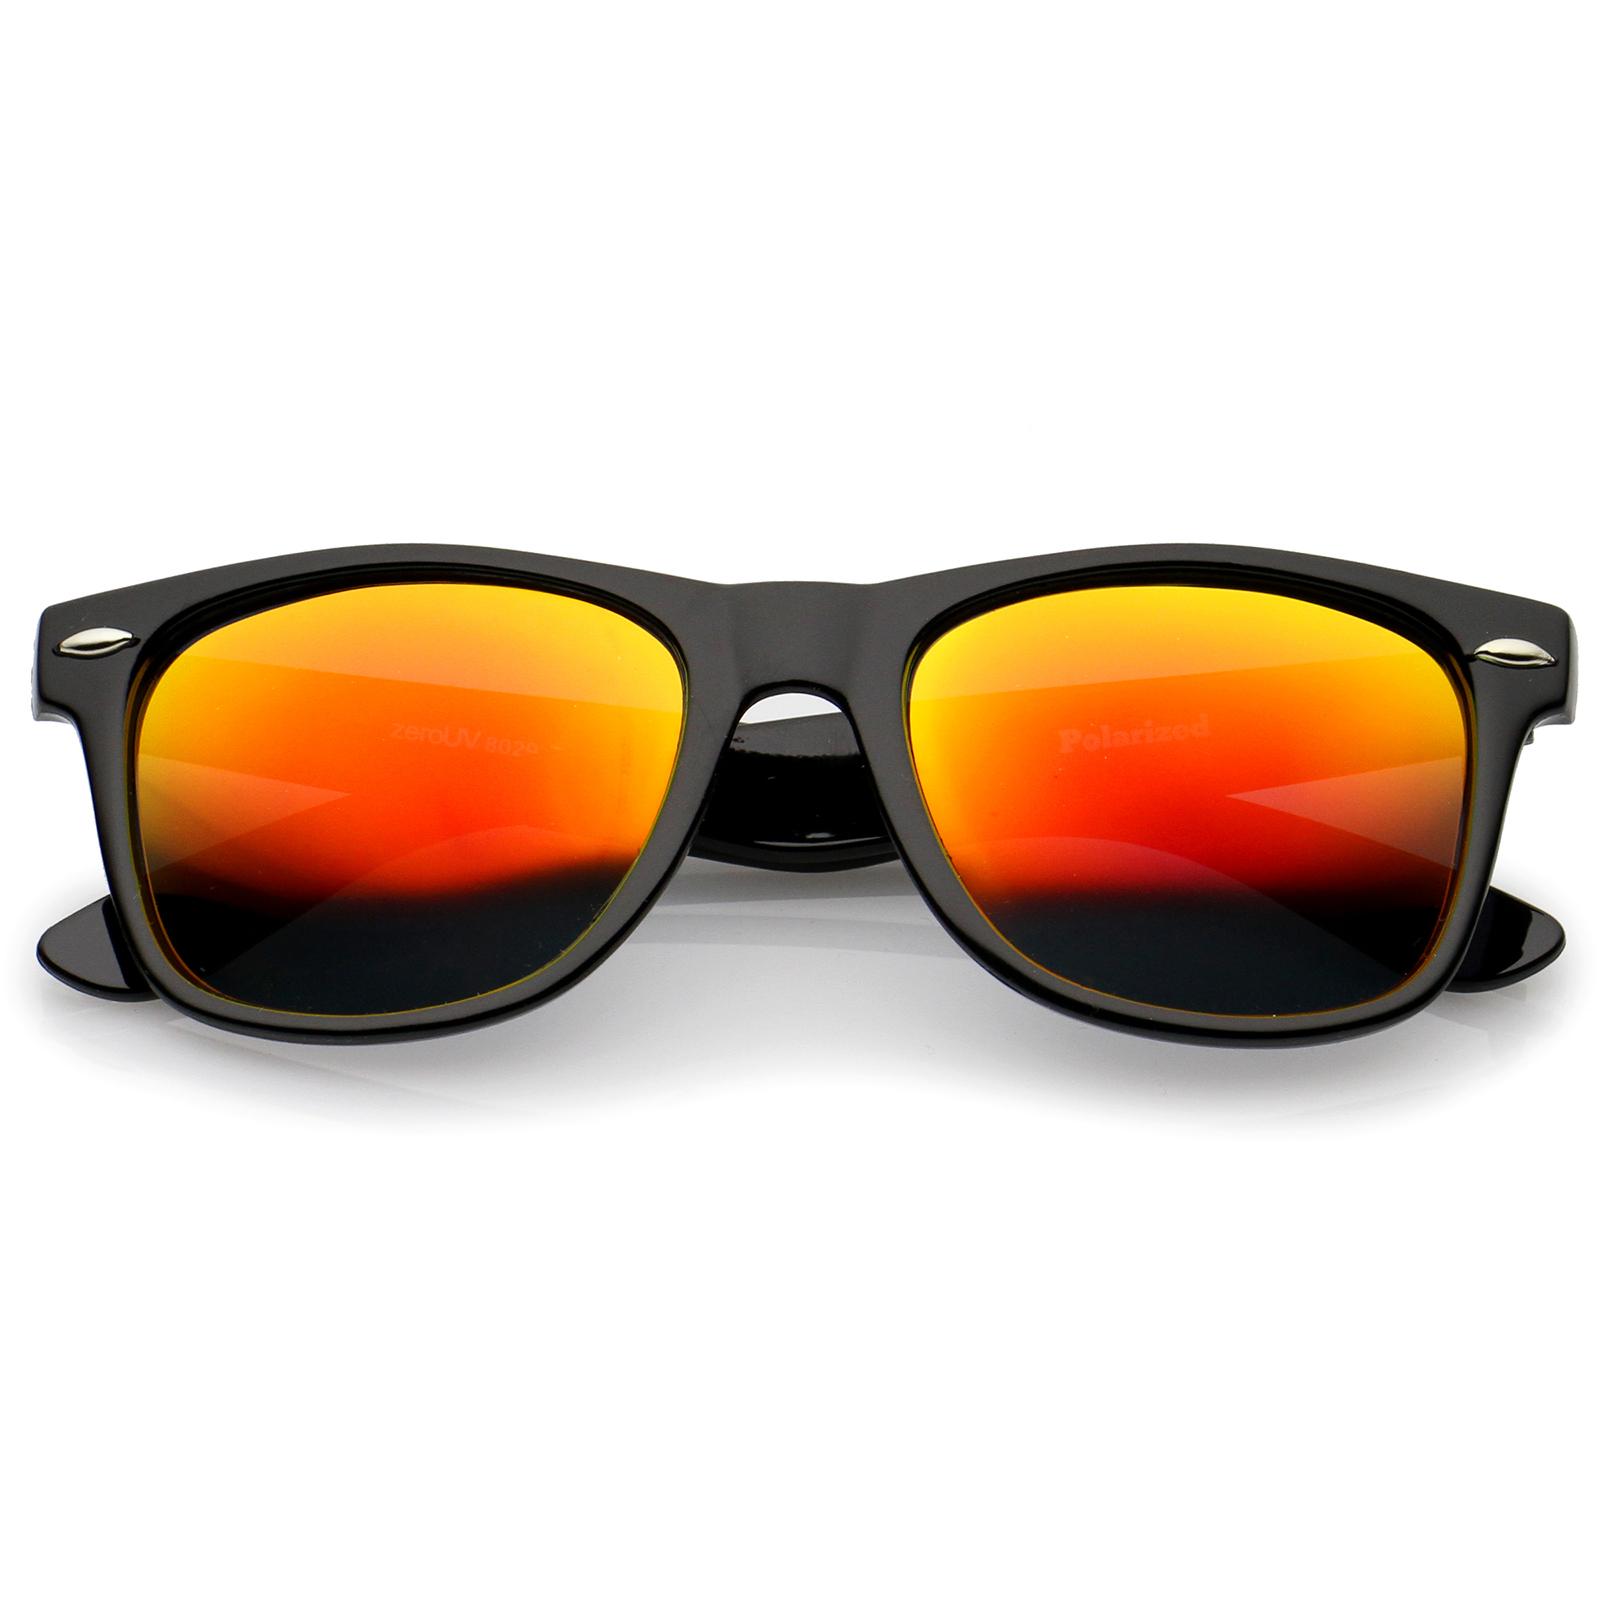 polarized sunglass lenses ubip  polarized sunglass lenses